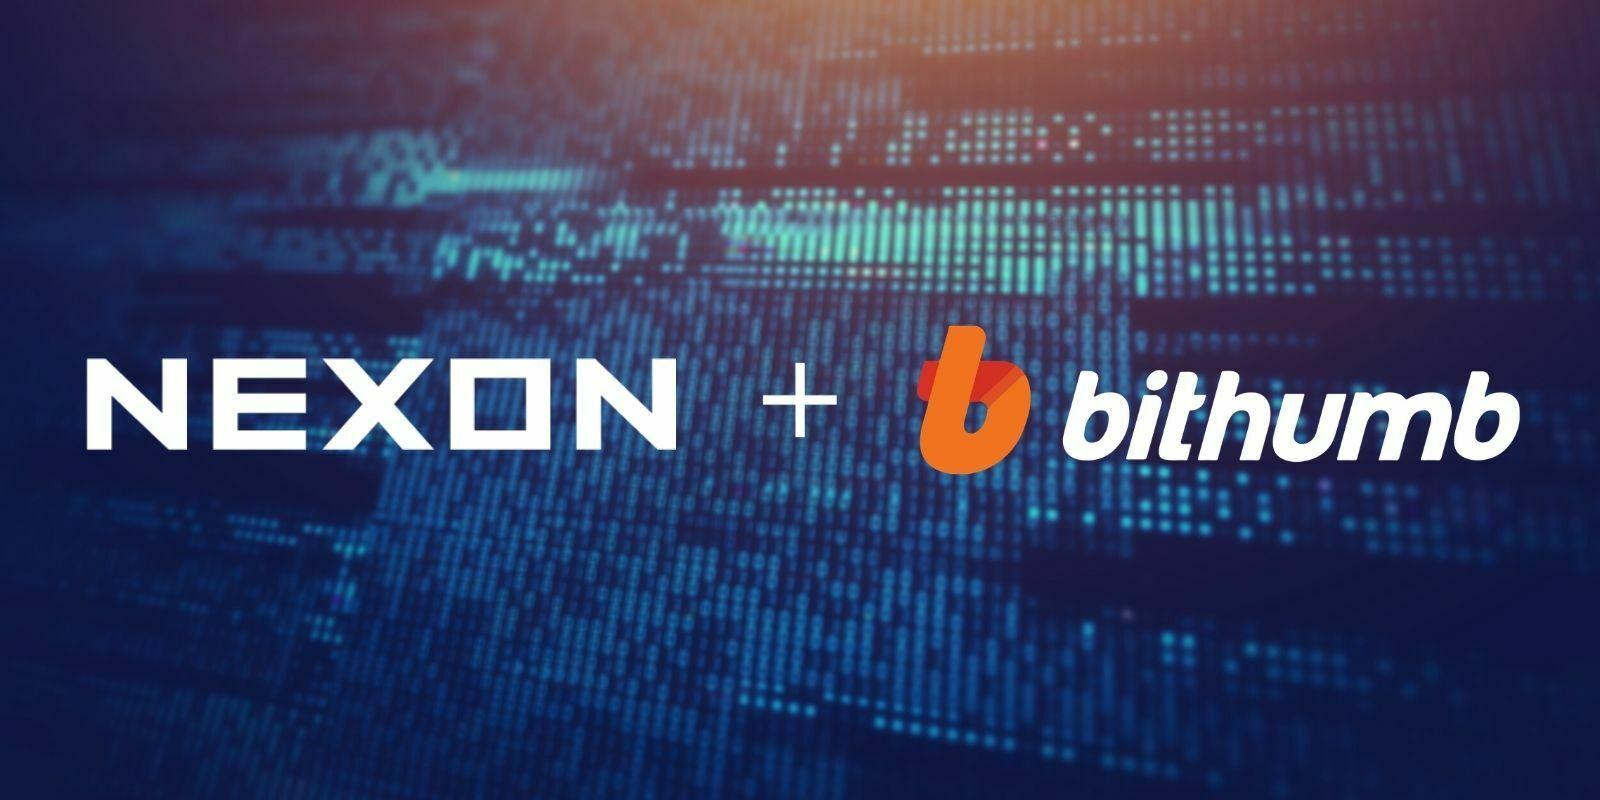 Le géant du gaming Nexon se prépare à acquérir l'exchange Bithumb pour 460 M$